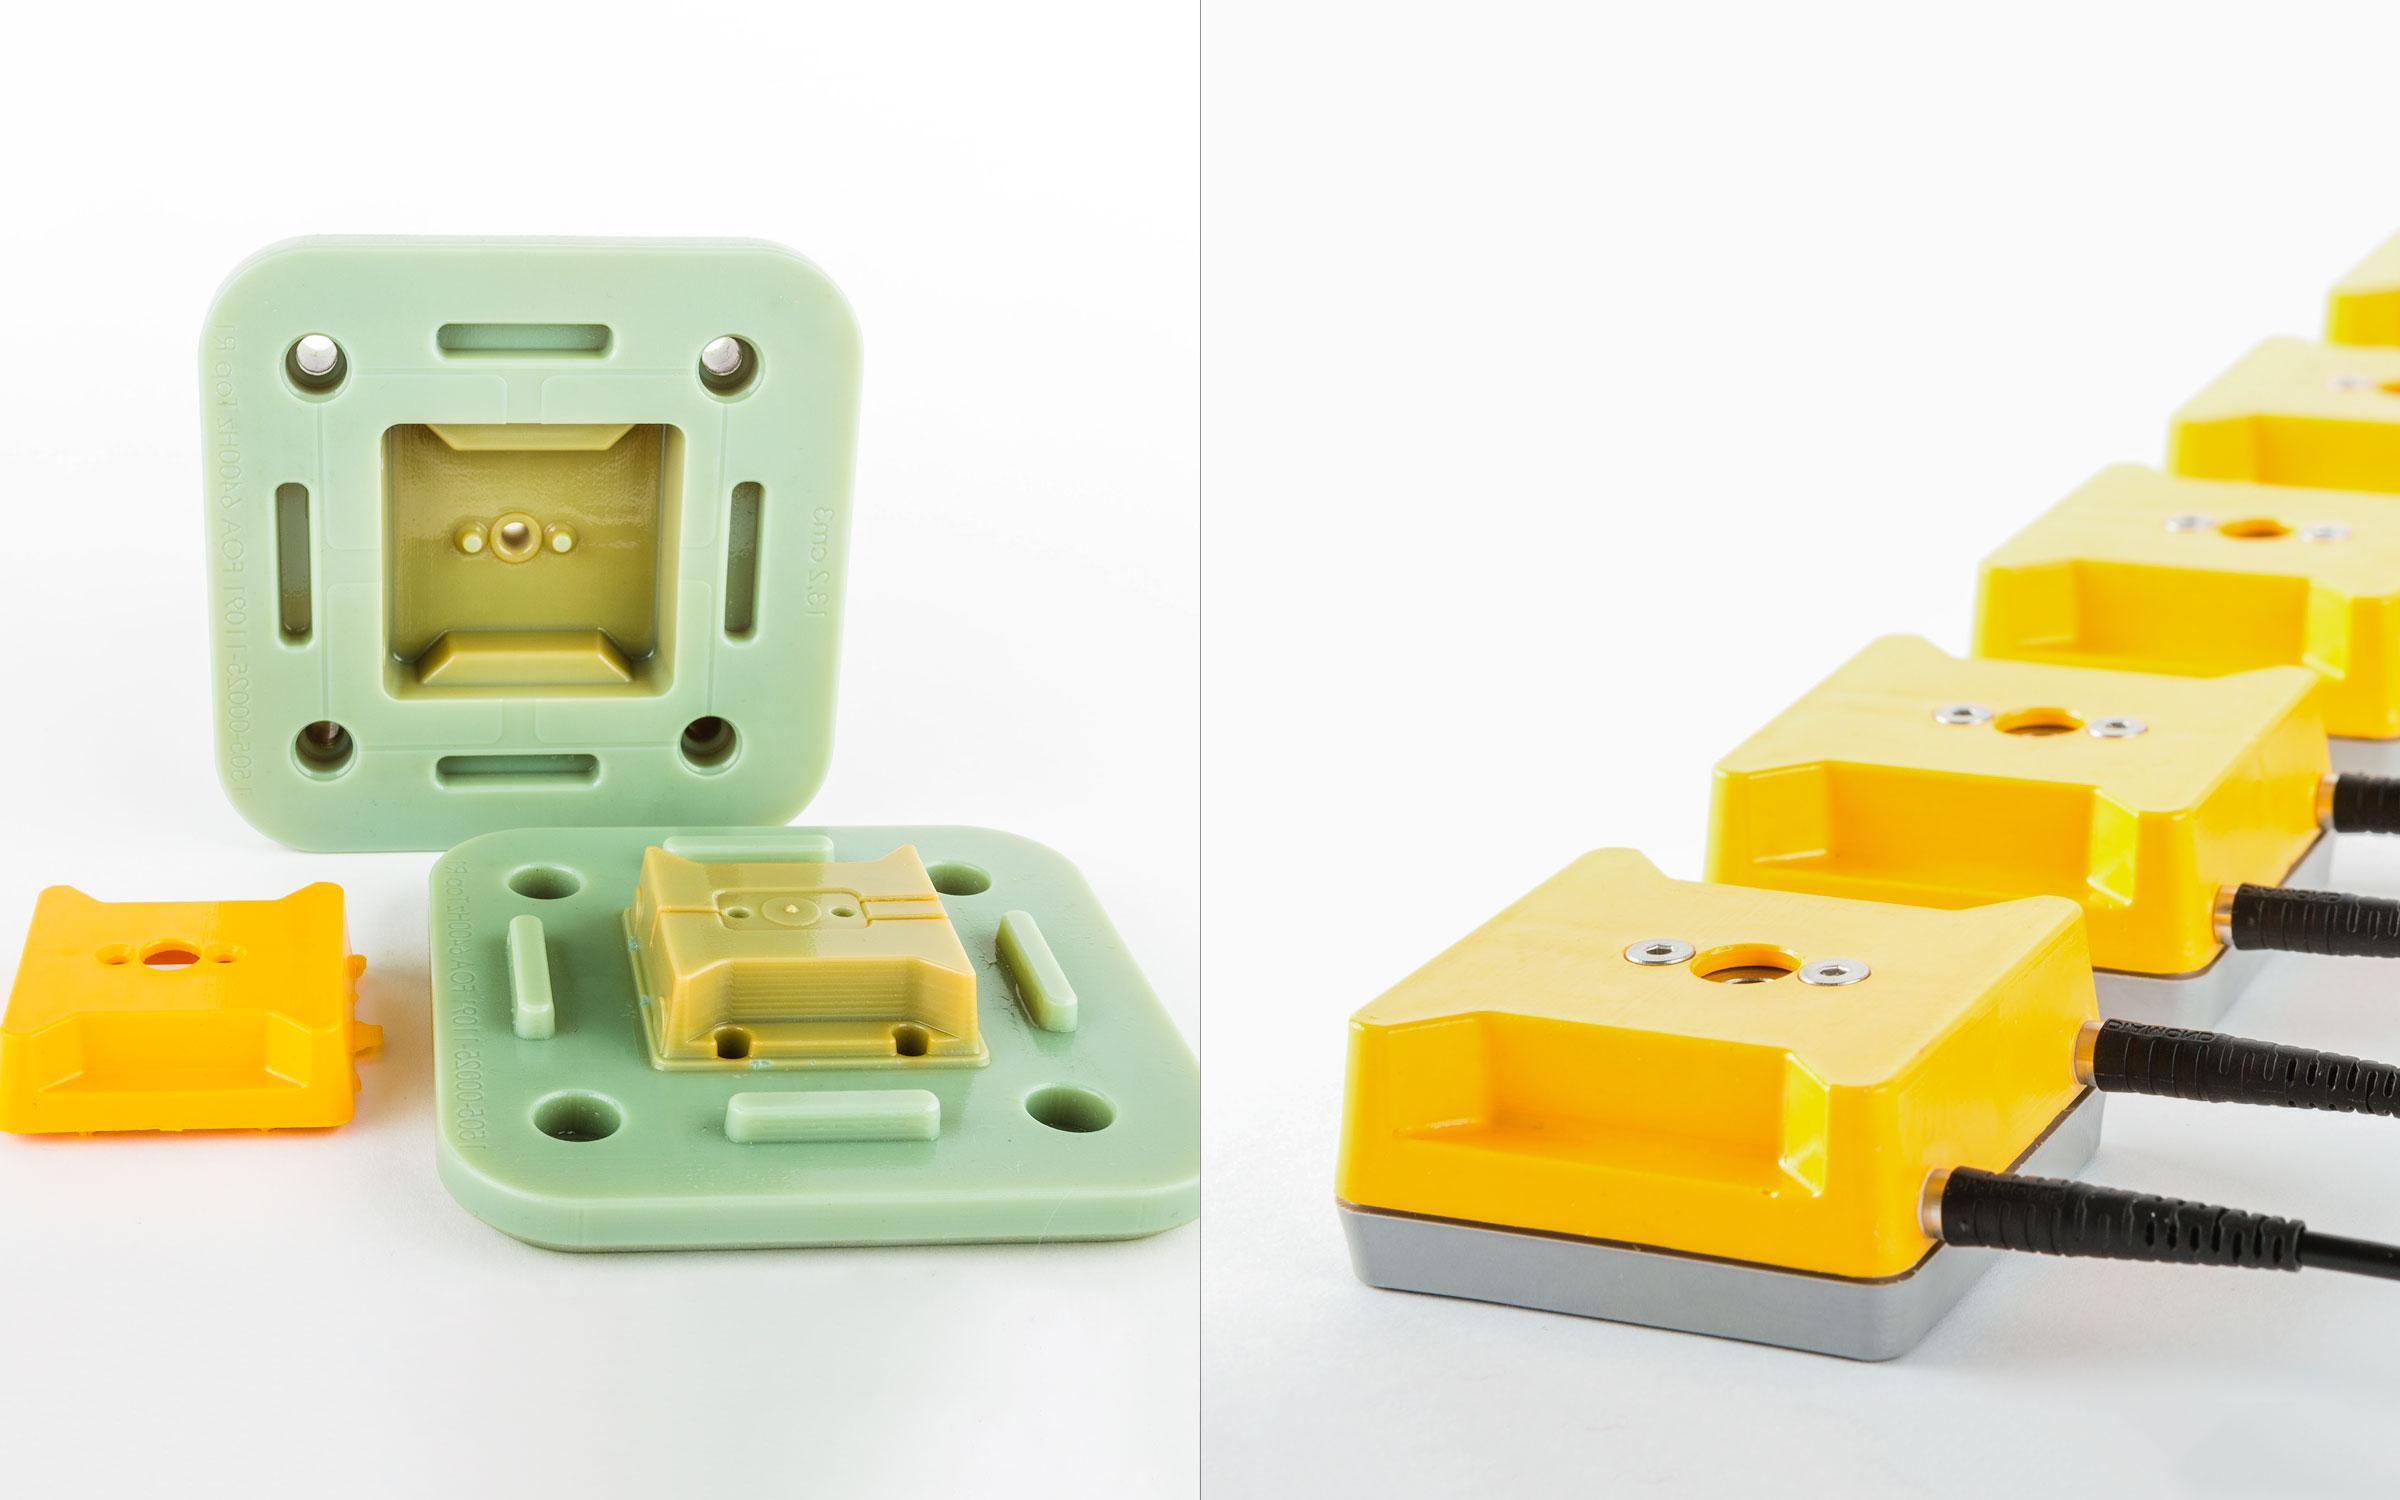 پرینت سه بعدی قالب در اندازه های مختلف